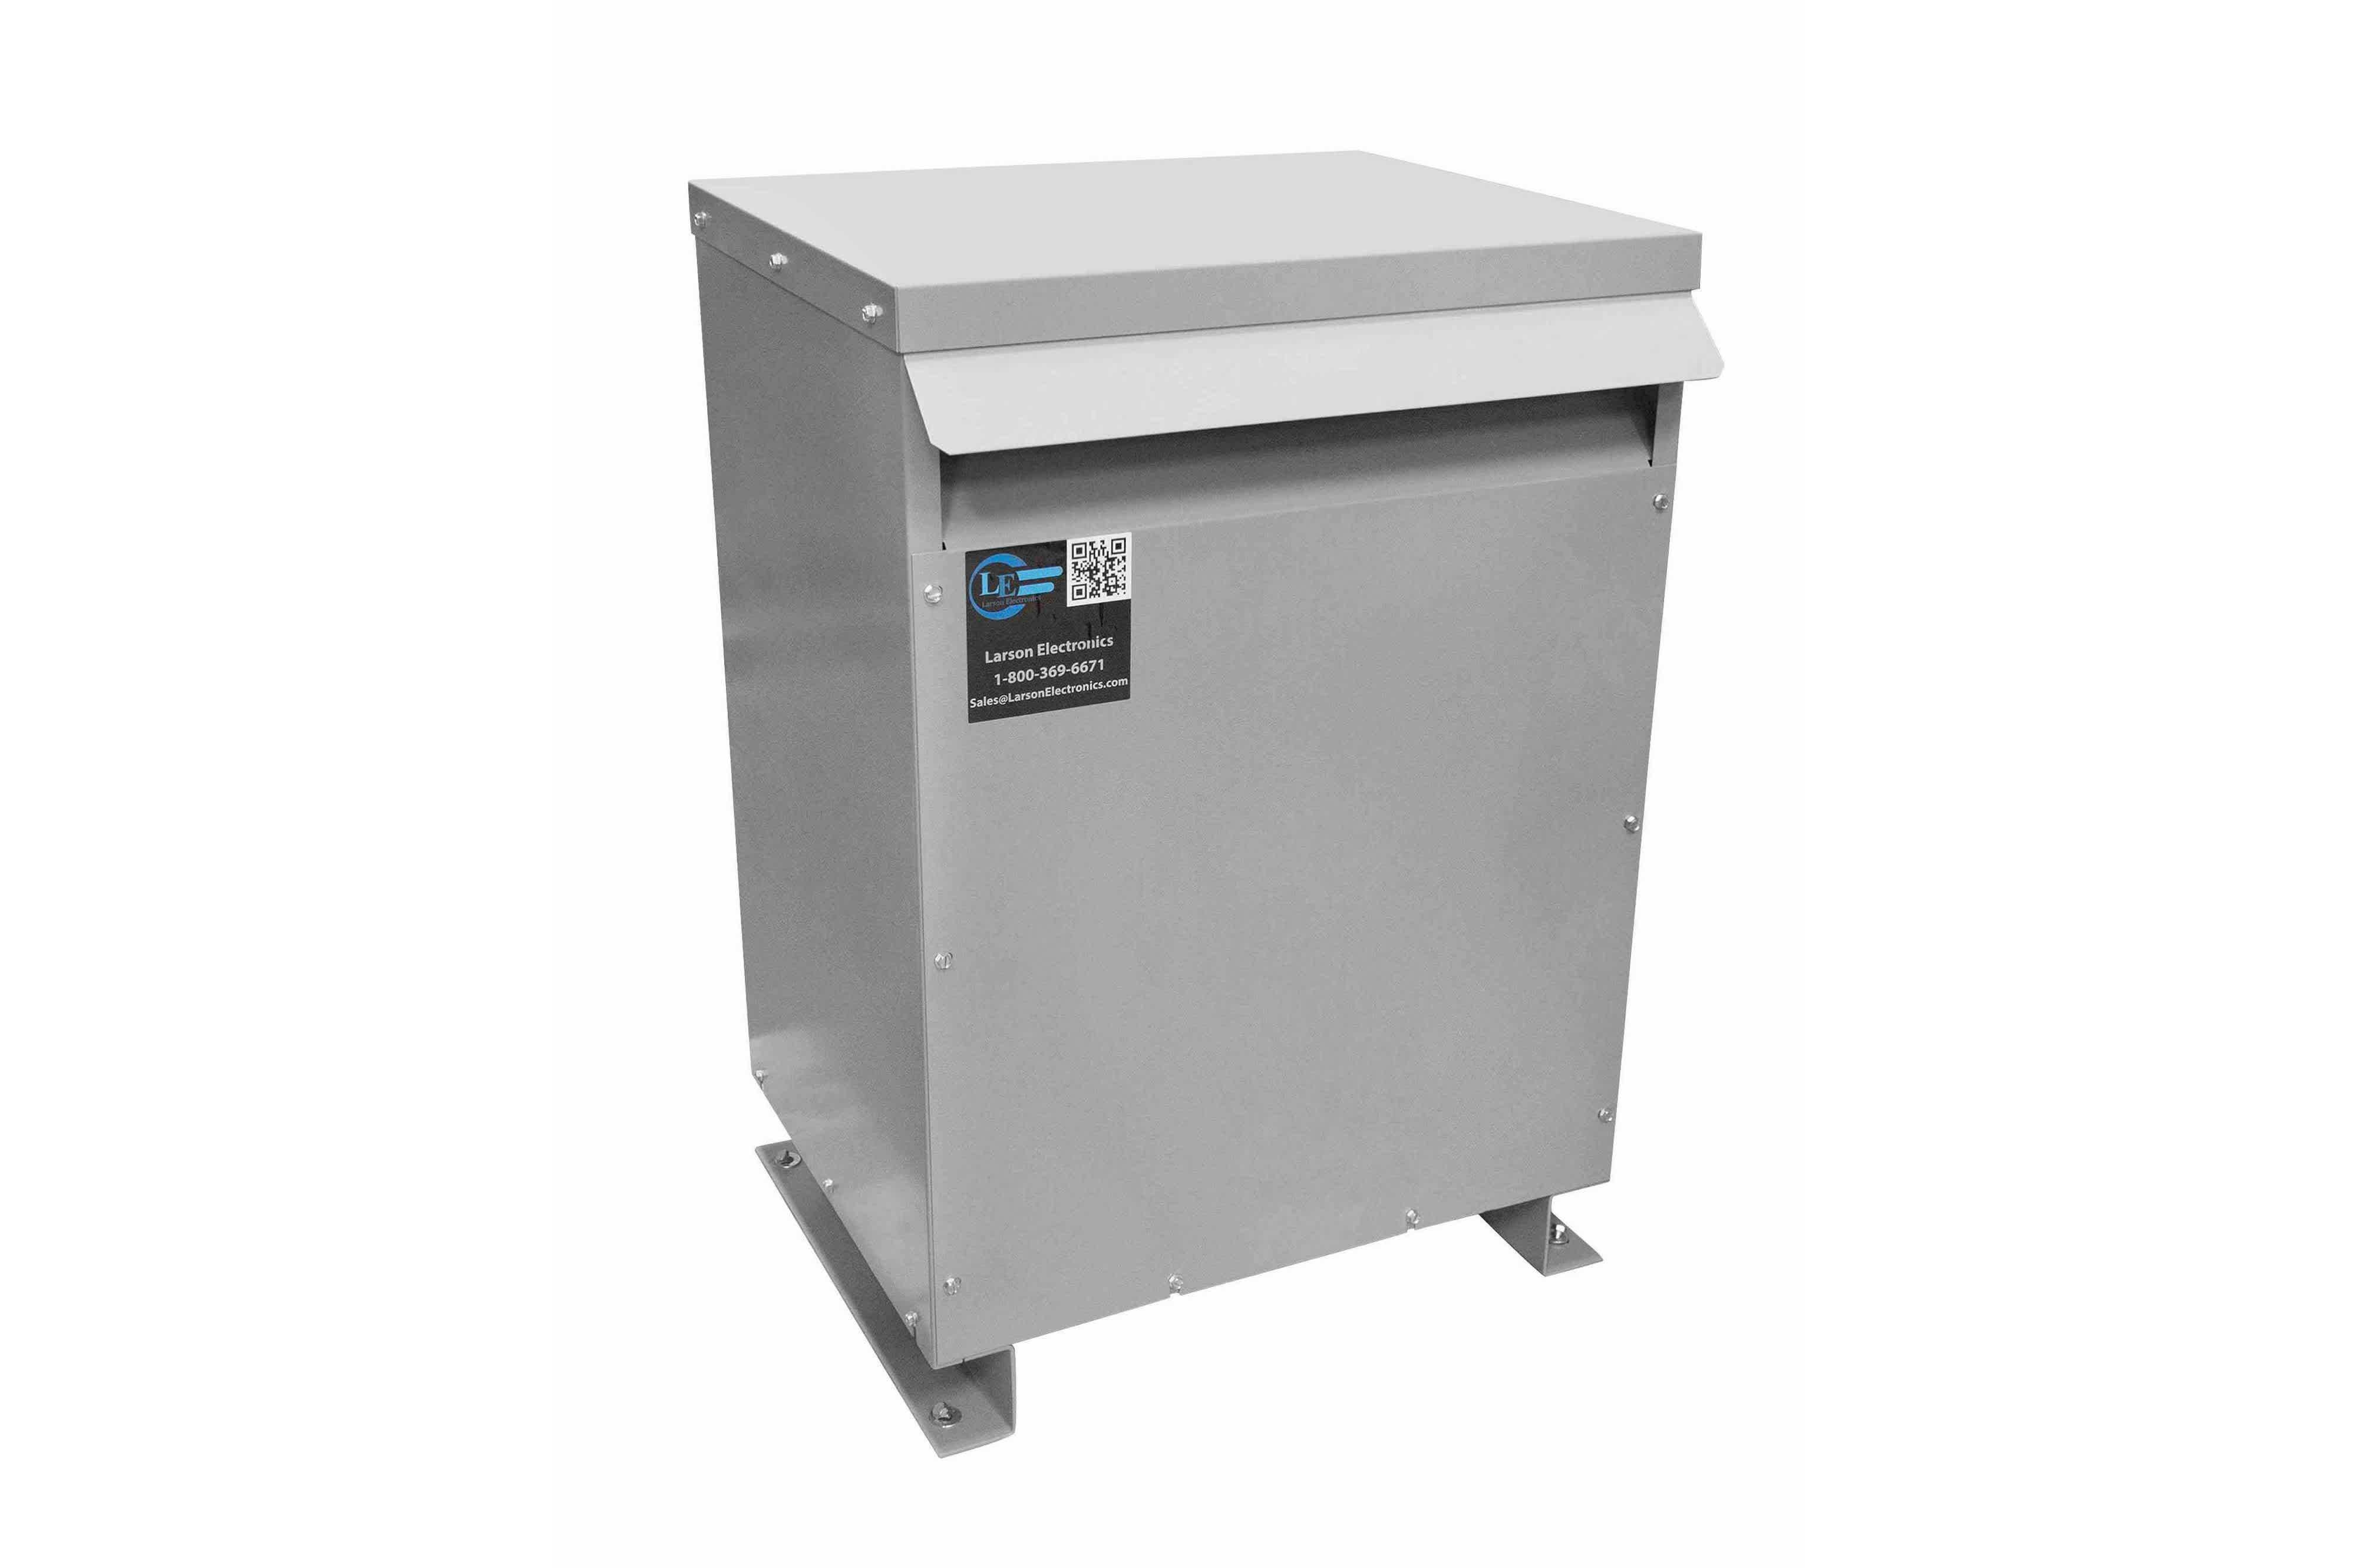 9 kVA 3PH Isolation Transformer, 480V Delta Primary, 480V Delta Secondary, N3R, Ventilated, 60 Hz